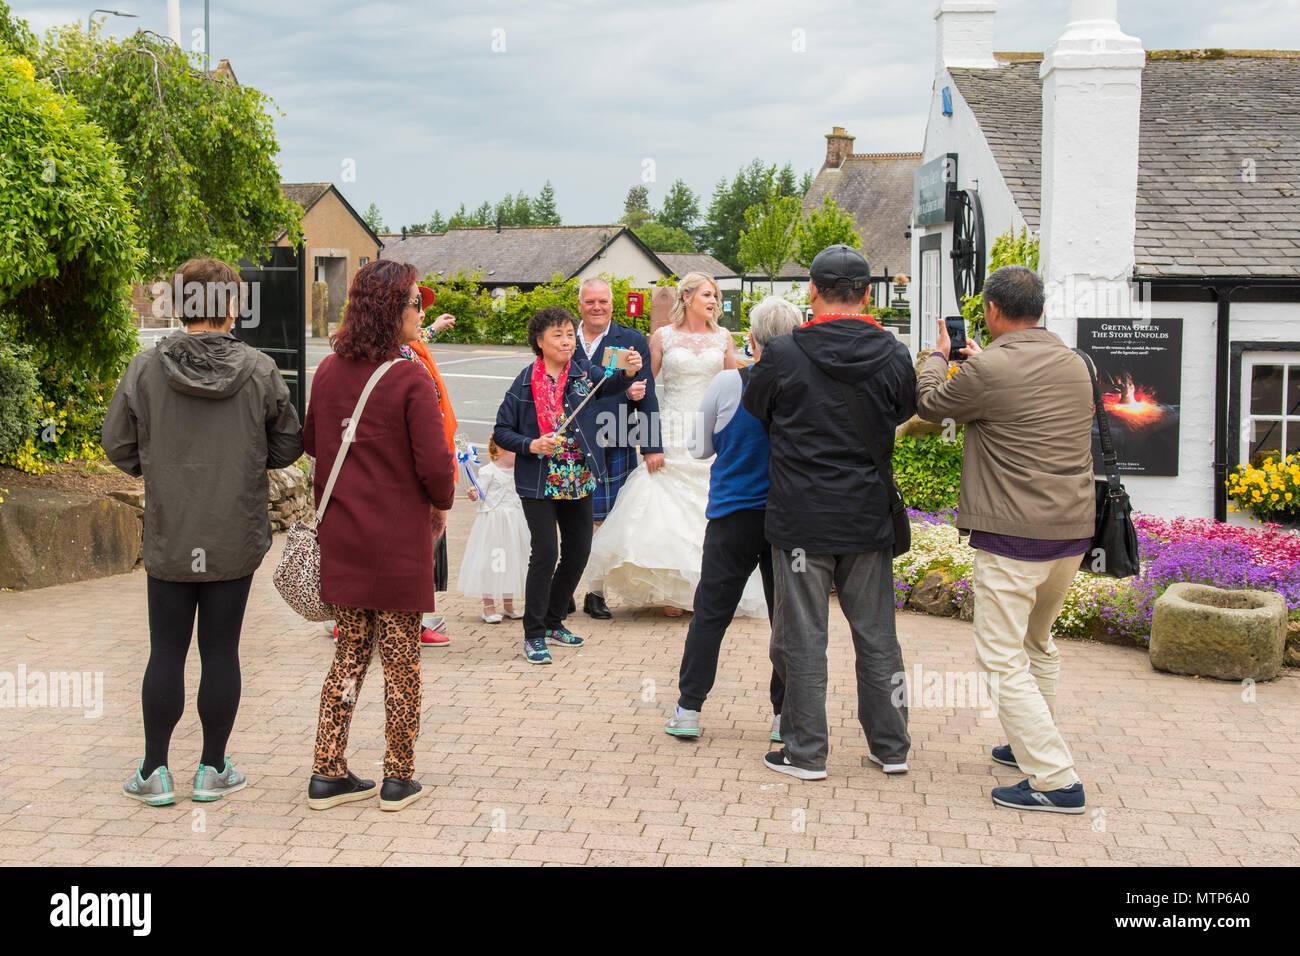 Les touristes asiatiques en tenant vos autoportraits et des photographies d'une épouse arrivant pour son mariage à Gretna Green, Ecosse, Royaume-Uni Photo Stock